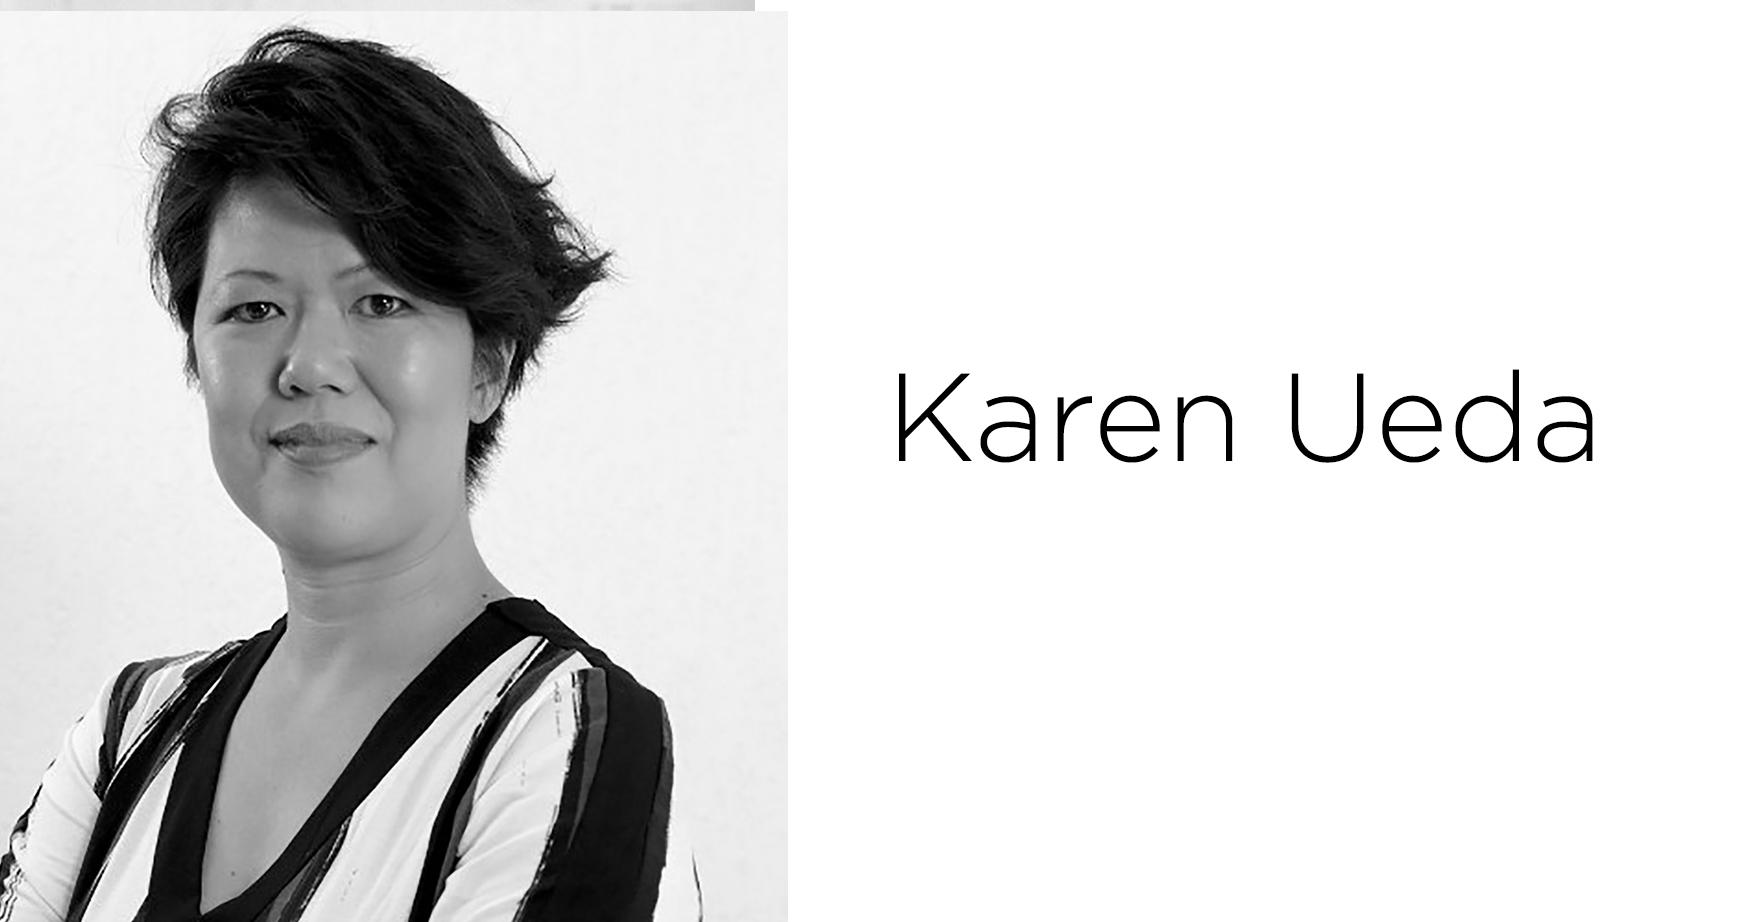 Karen Ueda